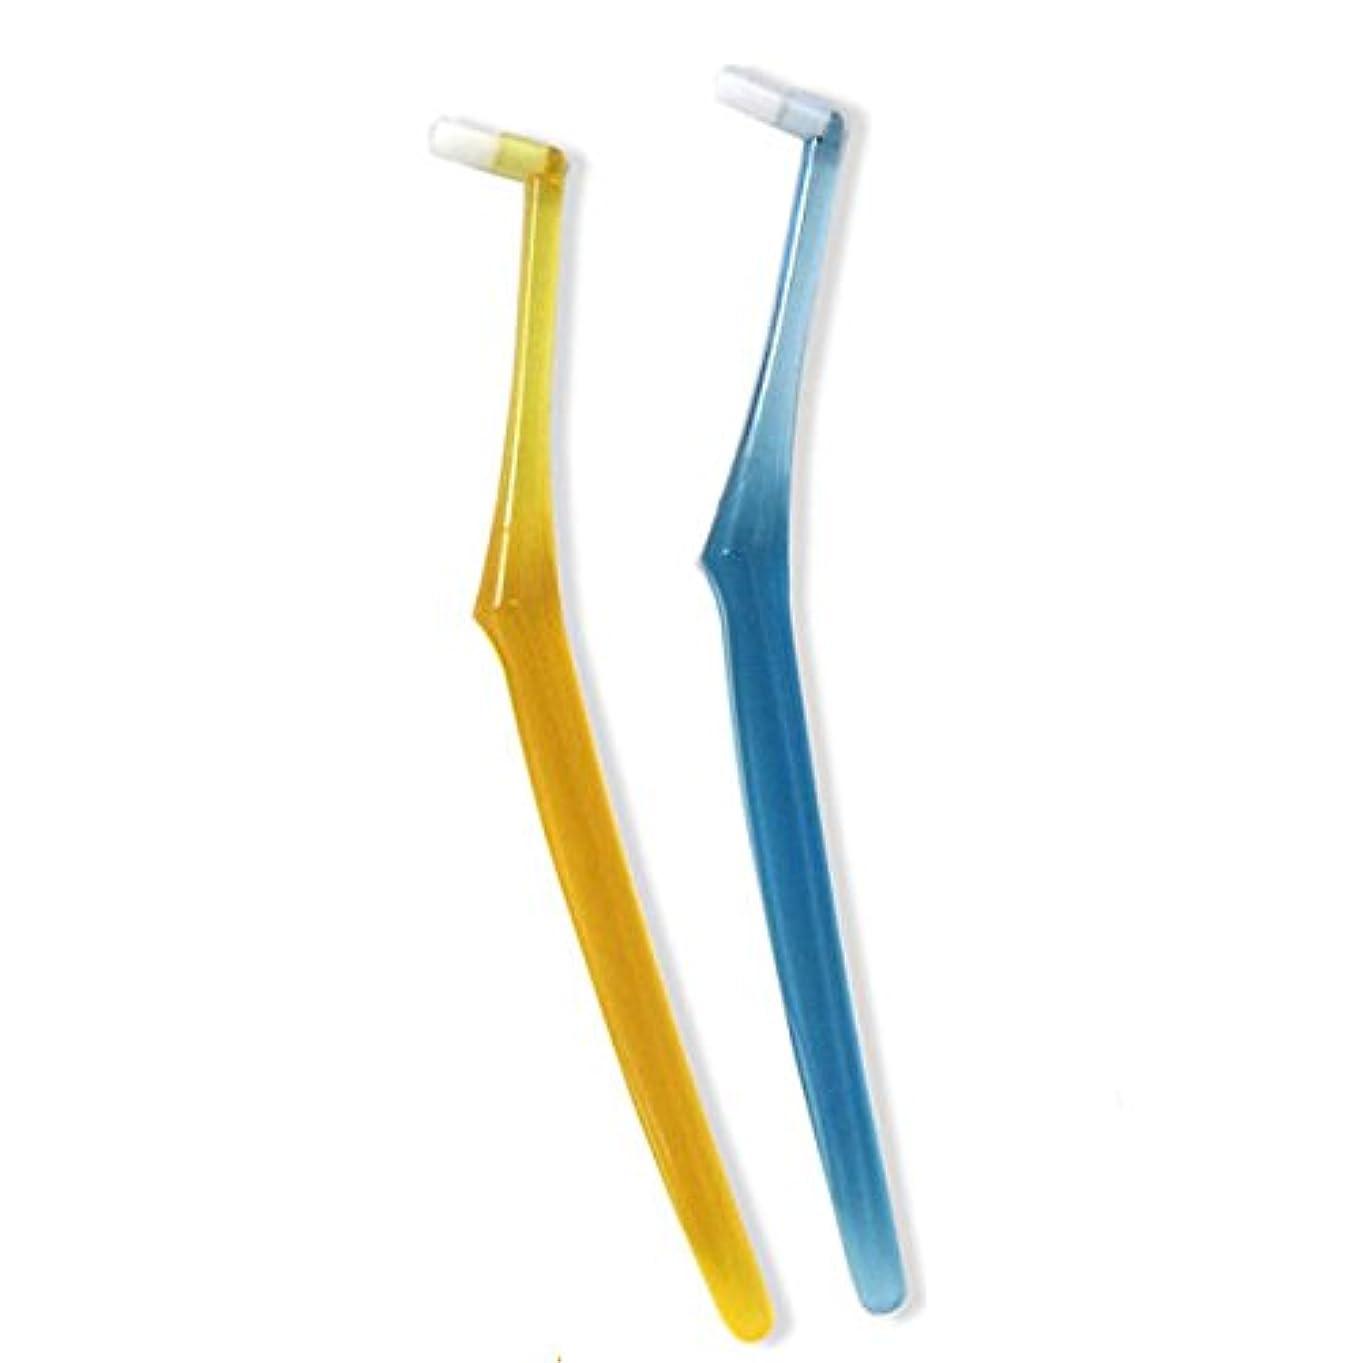 キリスト教シルクバストワンタフト インプロインプラント専用 歯ブラシ 4本セット (S(ソフト))